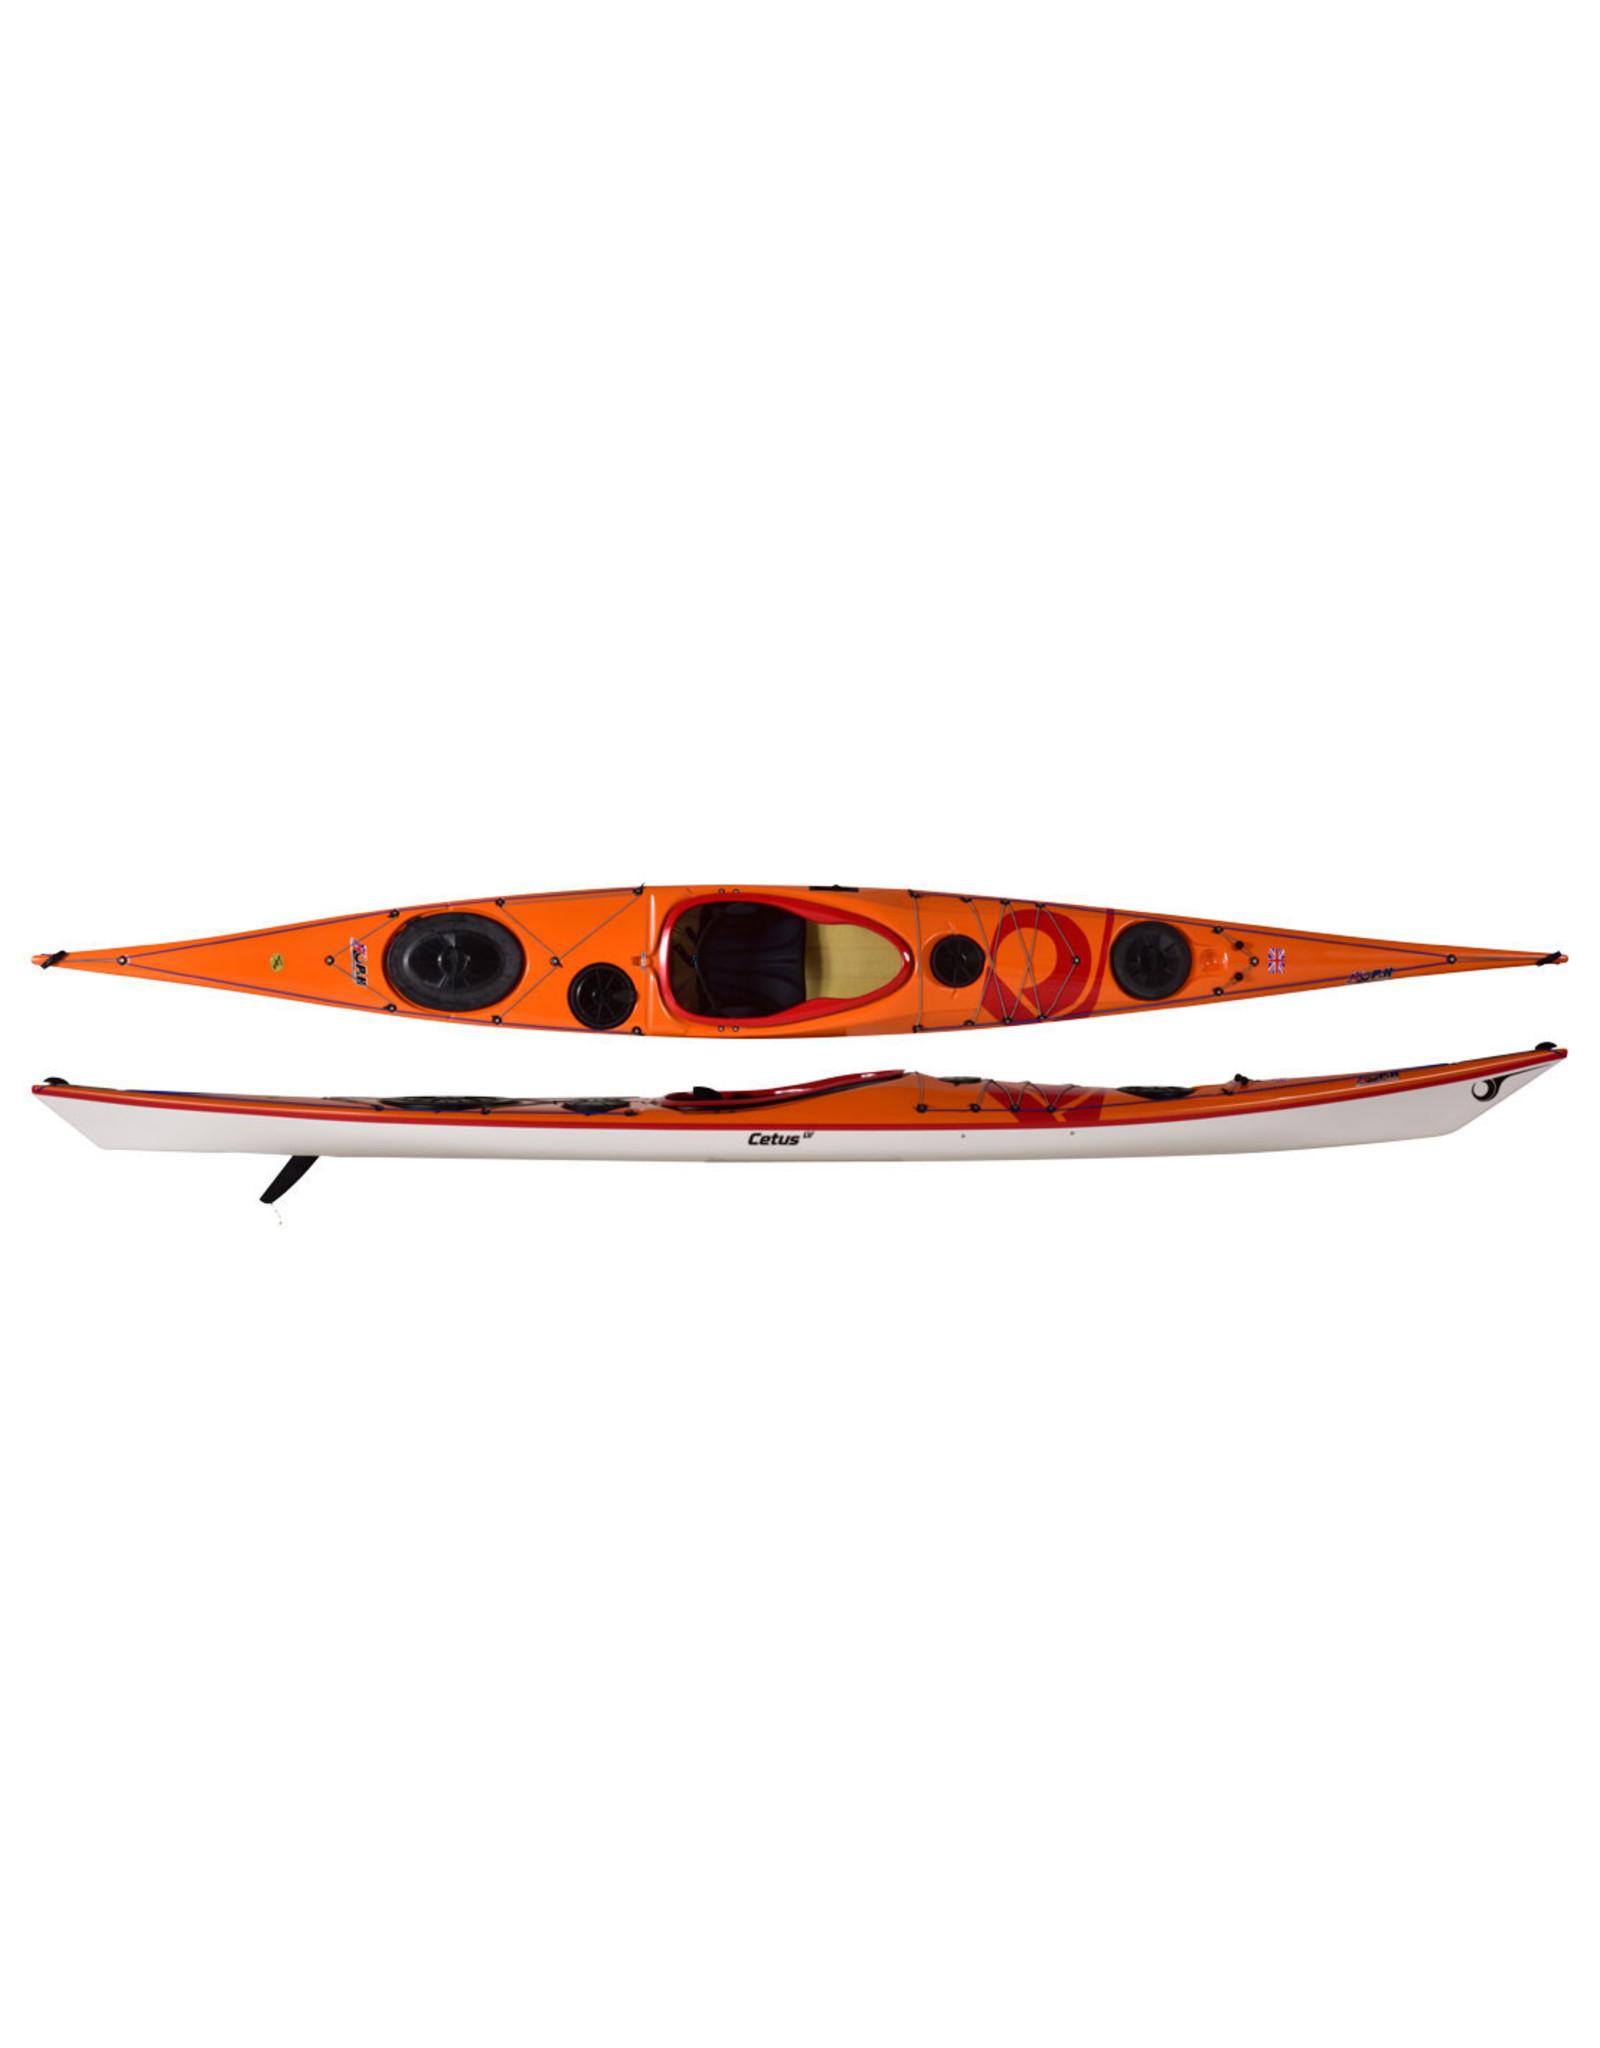 P&H Custom Sea Kayaks Copy of P&H kayak Cetus HV Expedition Kevlar/Diolen Lime/bleu foncé/bleu anch